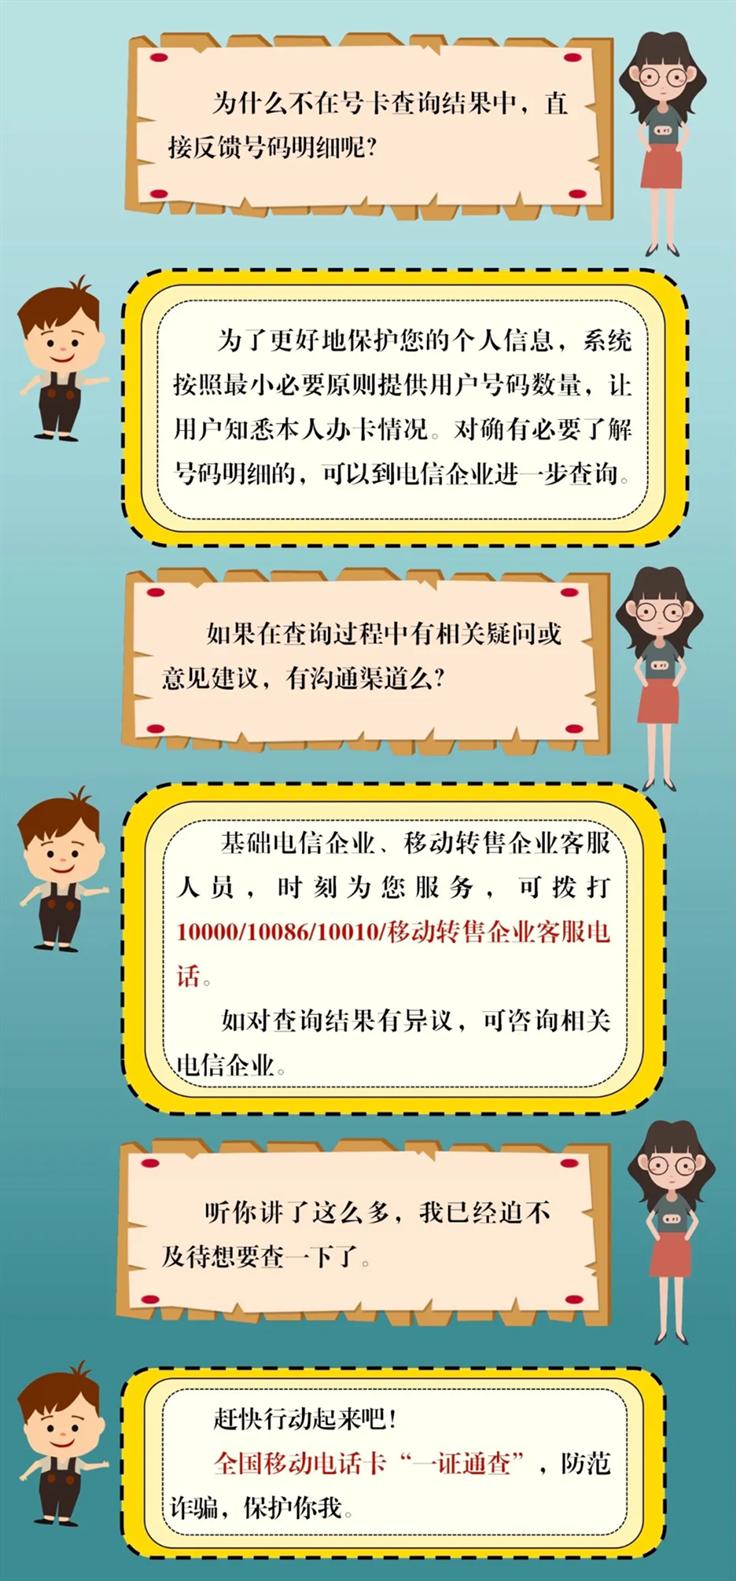 工信部全国移动电话动画检查服务正式在线,可以查看自己的身份是否被滥用